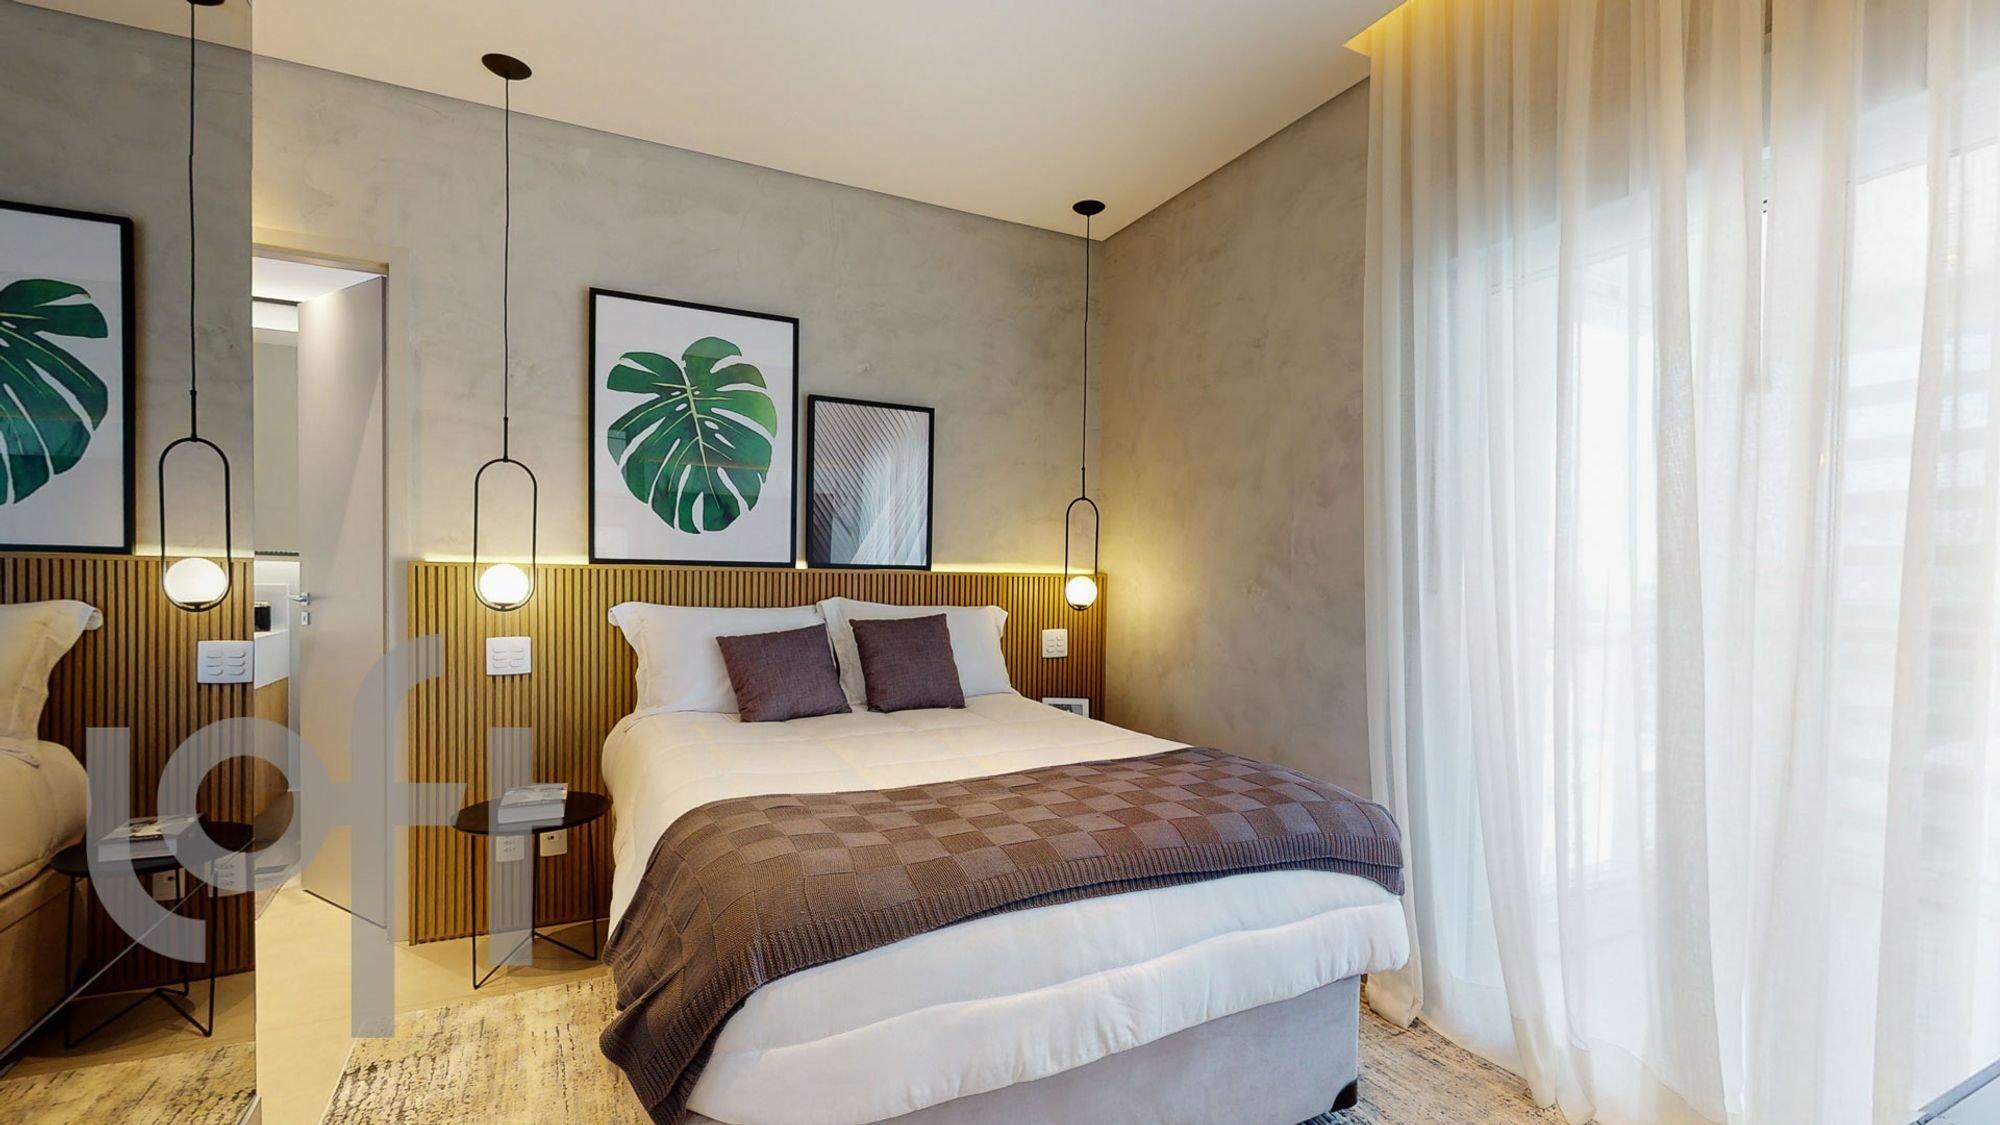 Foto de Quarto com vaso de planta, cama, sofá